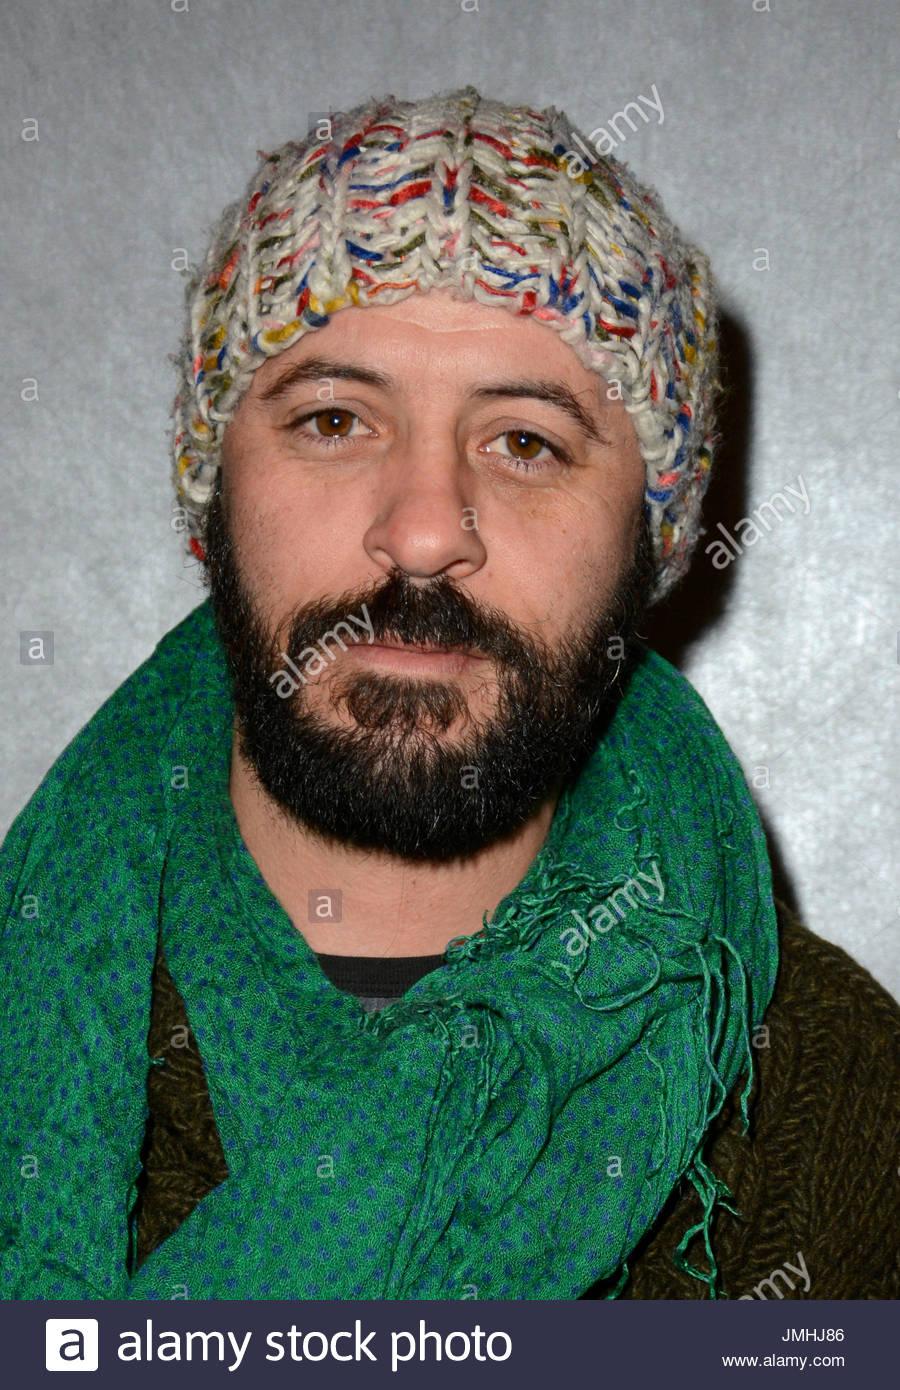 Suliman Ali